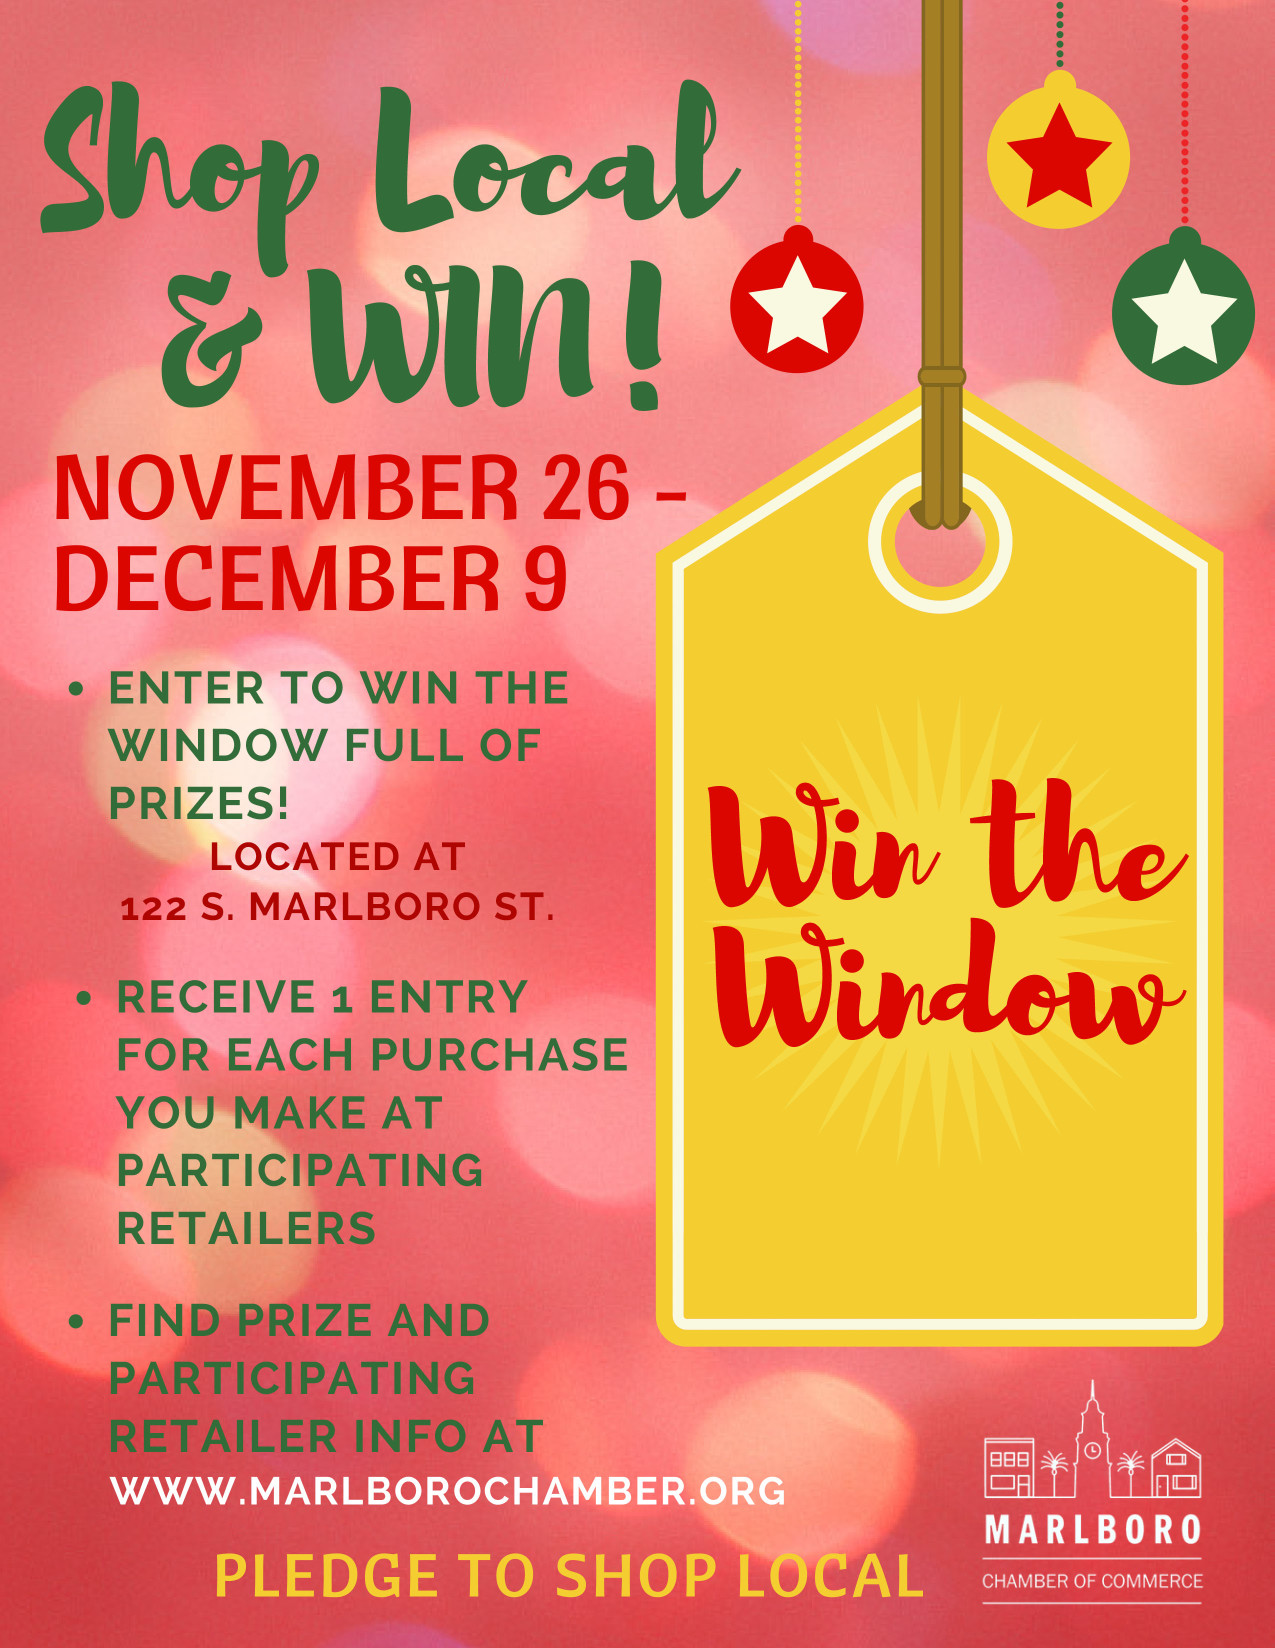 Win-the-Window(1)-w1275.jpg